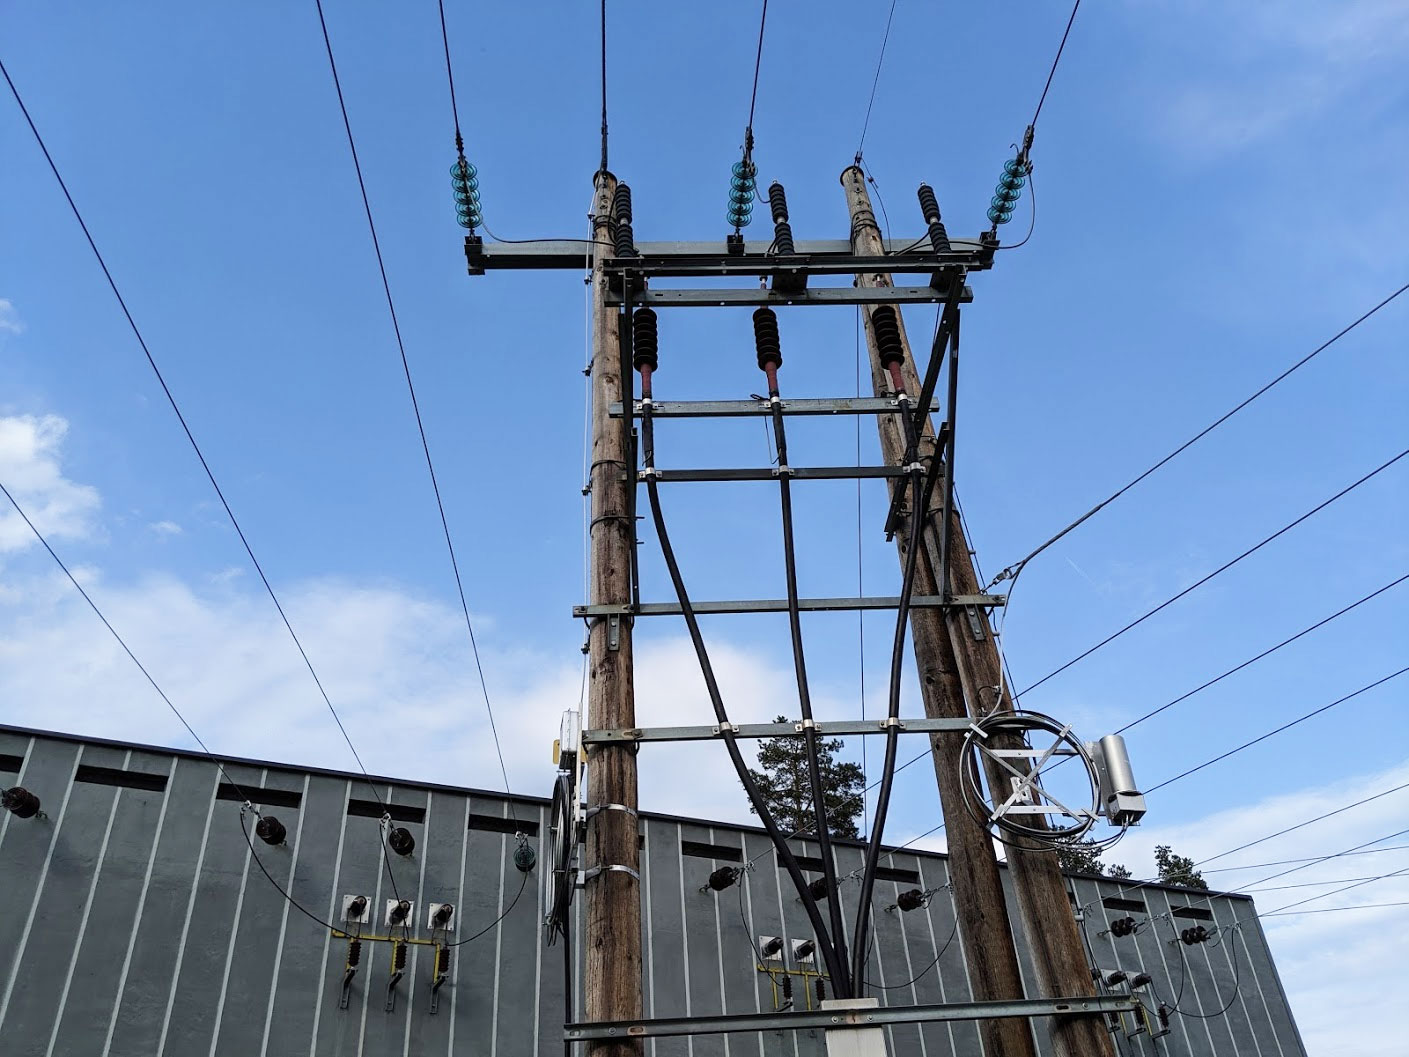 Billige strømpriser - Gudbrandsdal Energi